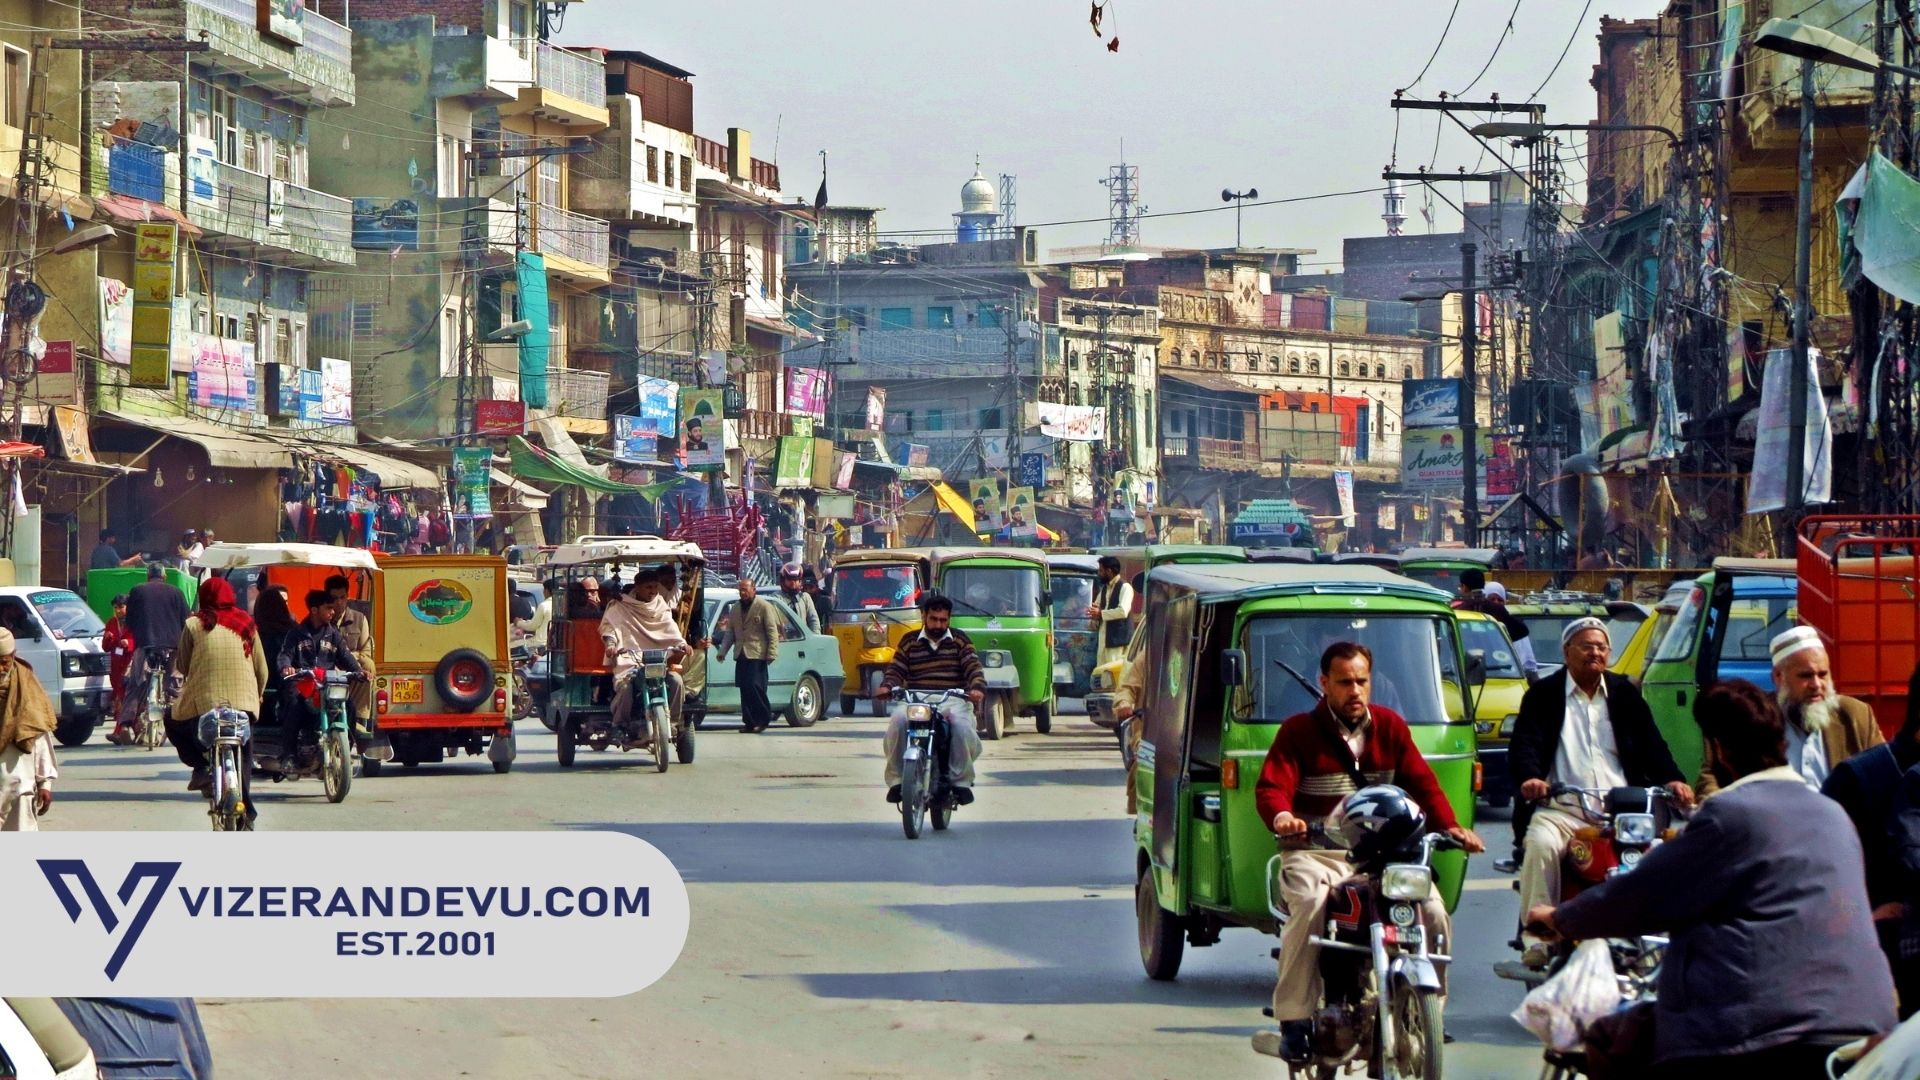 Bangladeş Vizesi: Randevu ve Başvuru (2021)